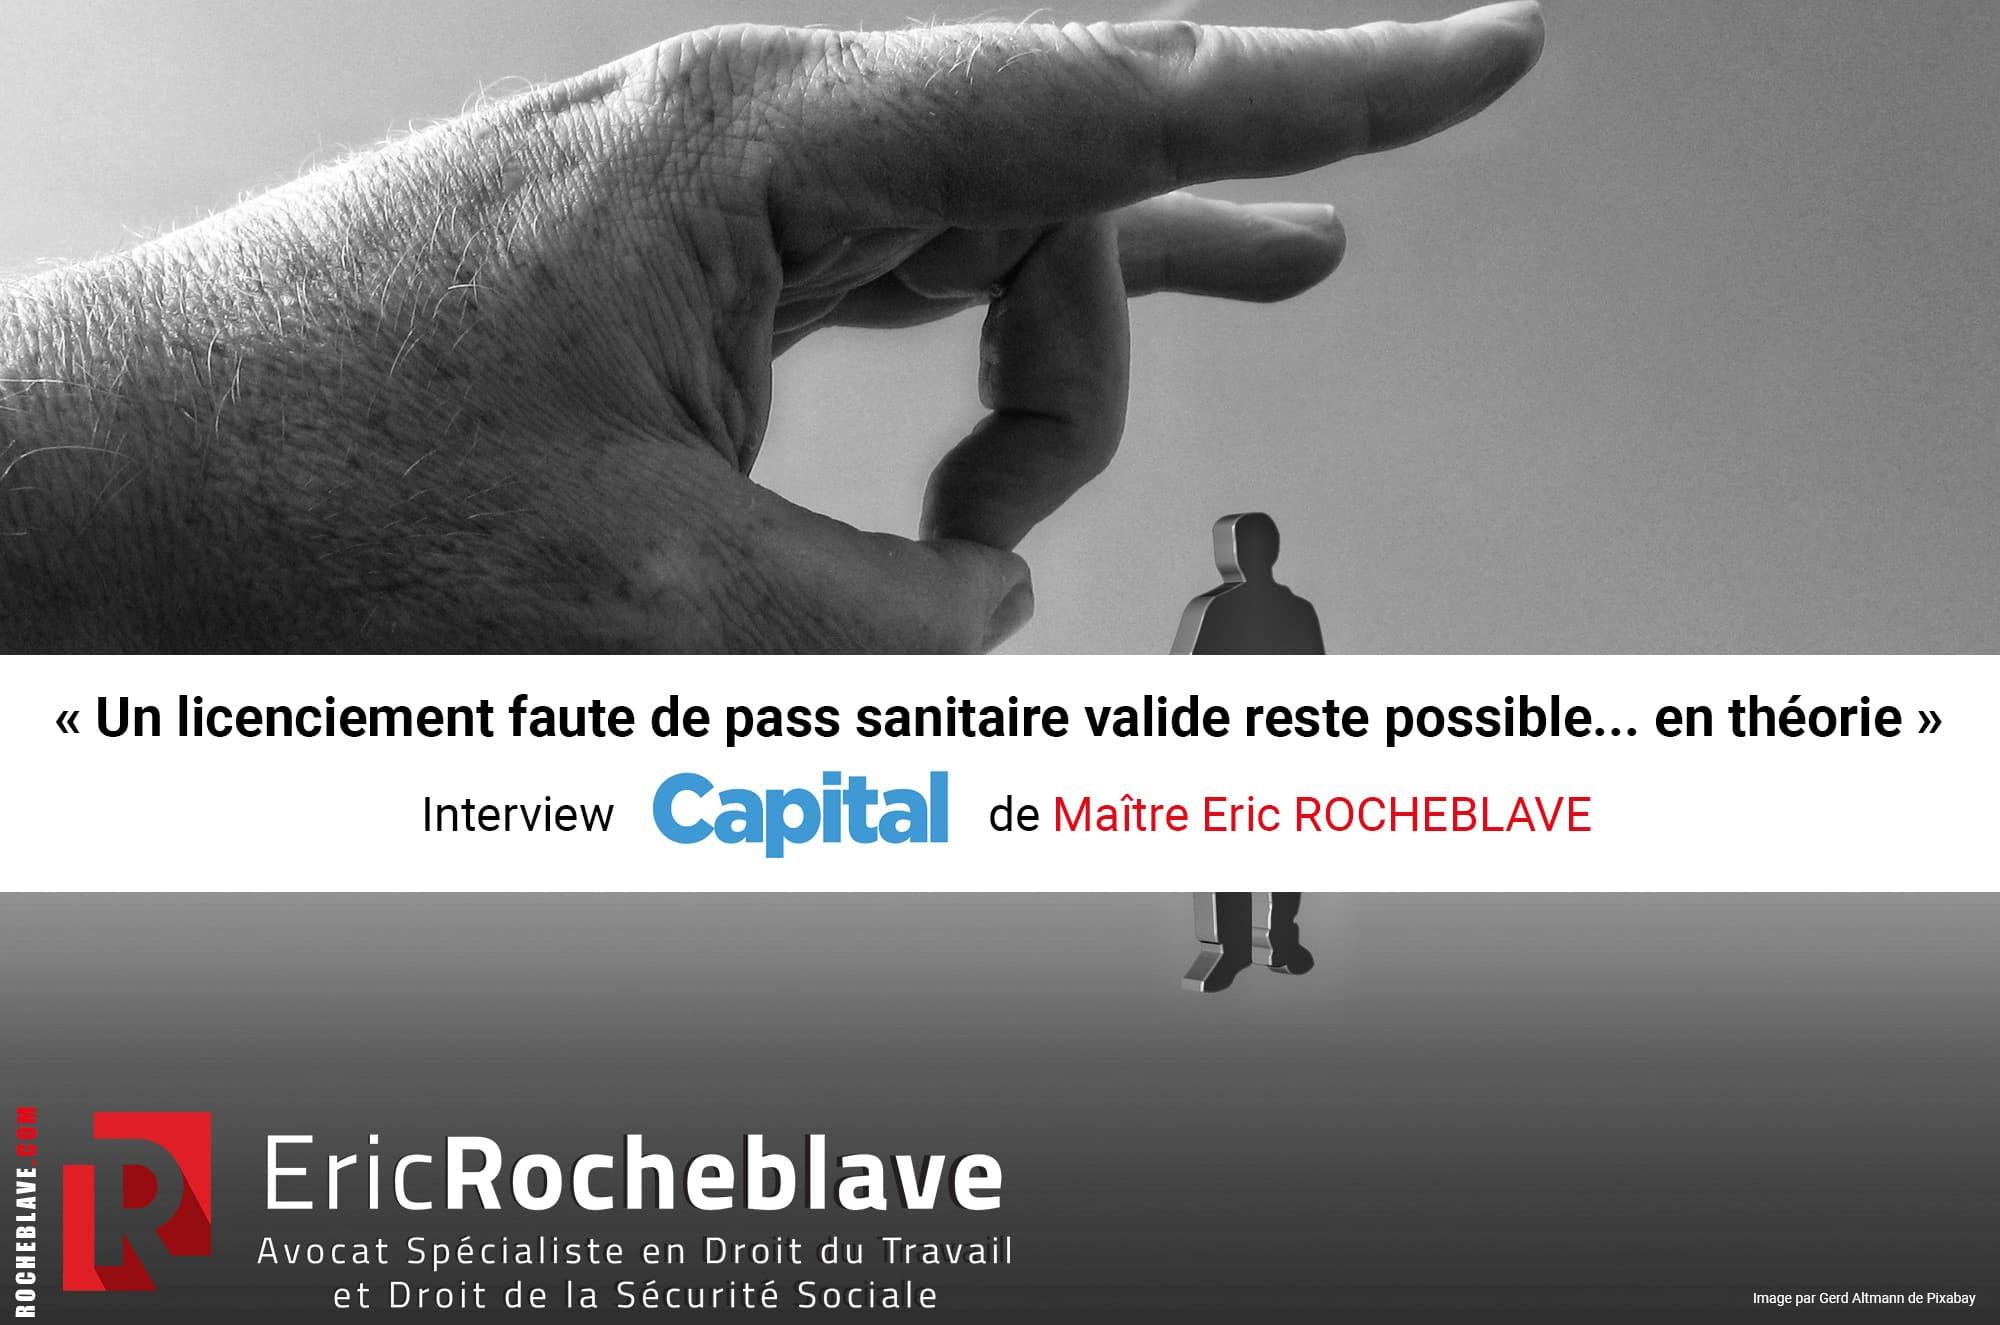 « Un licenciement faute de pass sanitaire valide reste possible... en théorie » Interview CAPITAL de Maître Eric ROCHEBLAVE